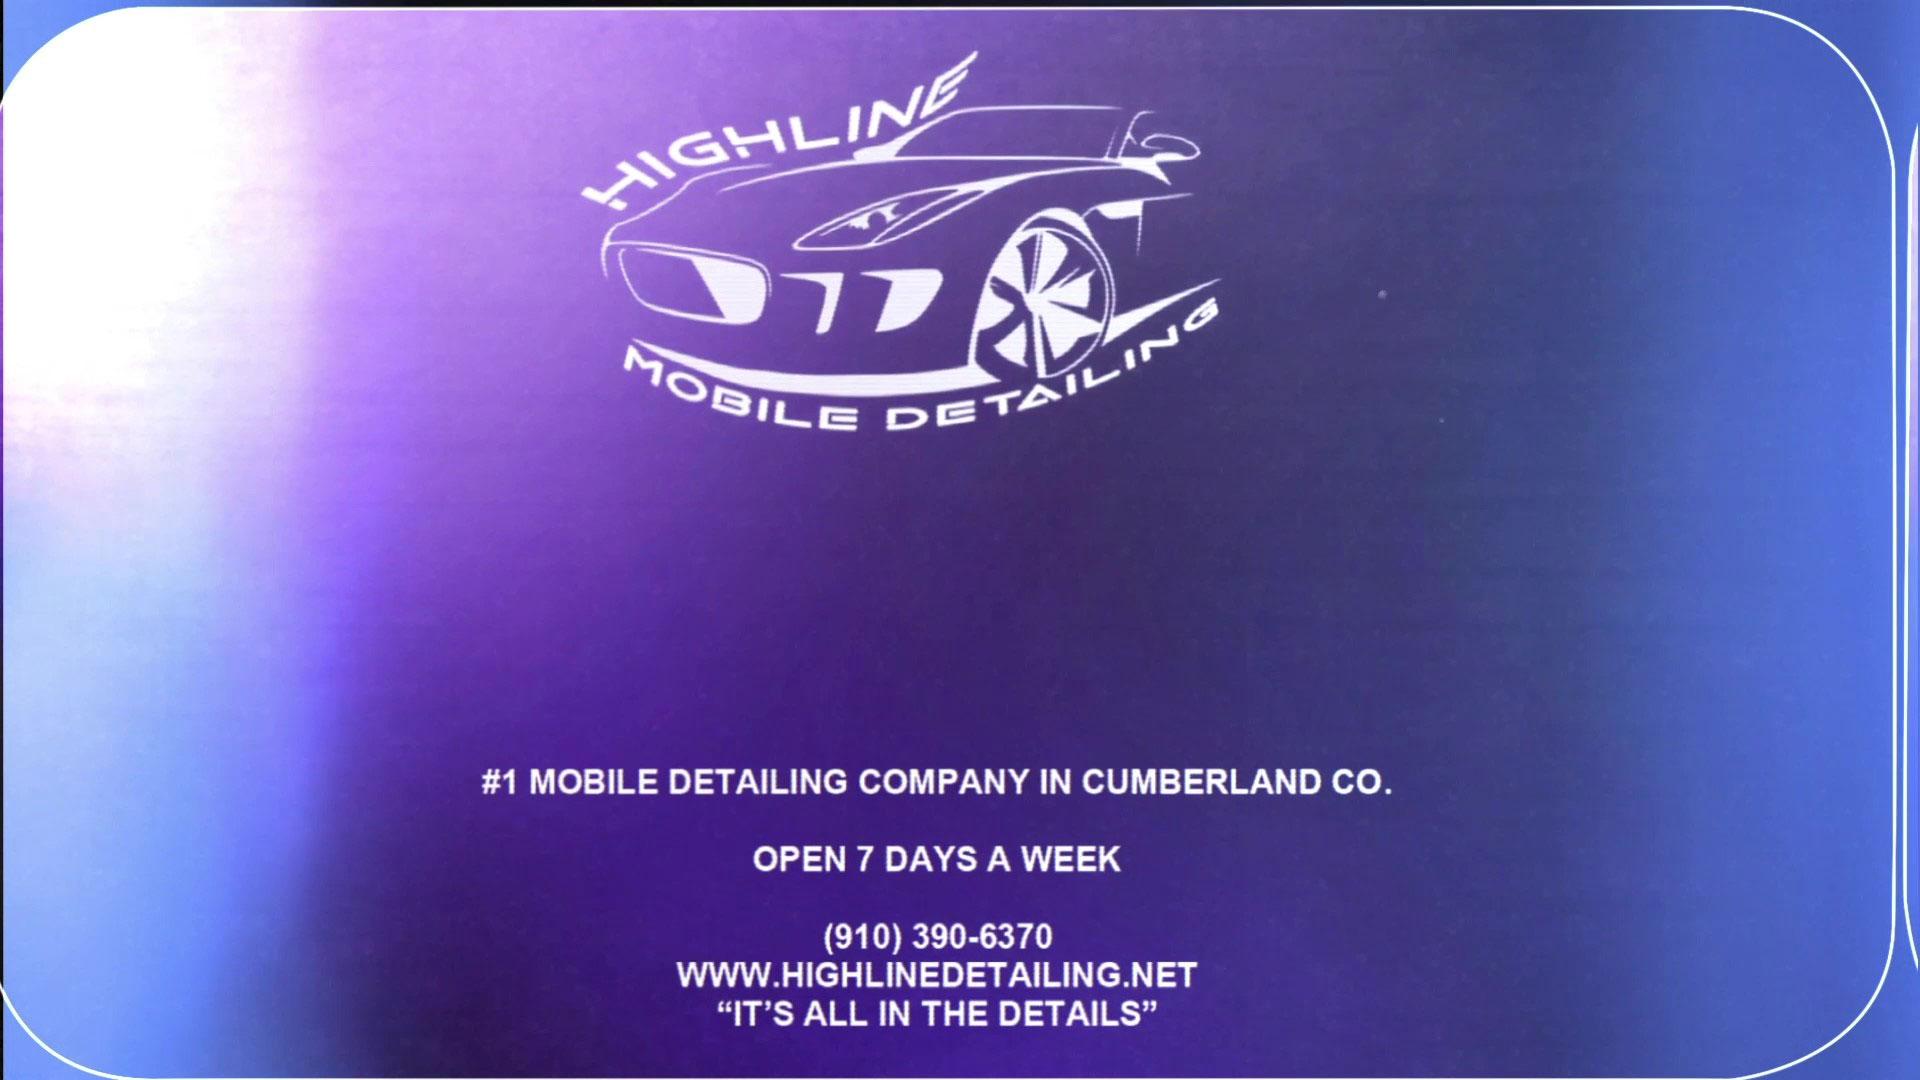 Highline Mobile Detailing